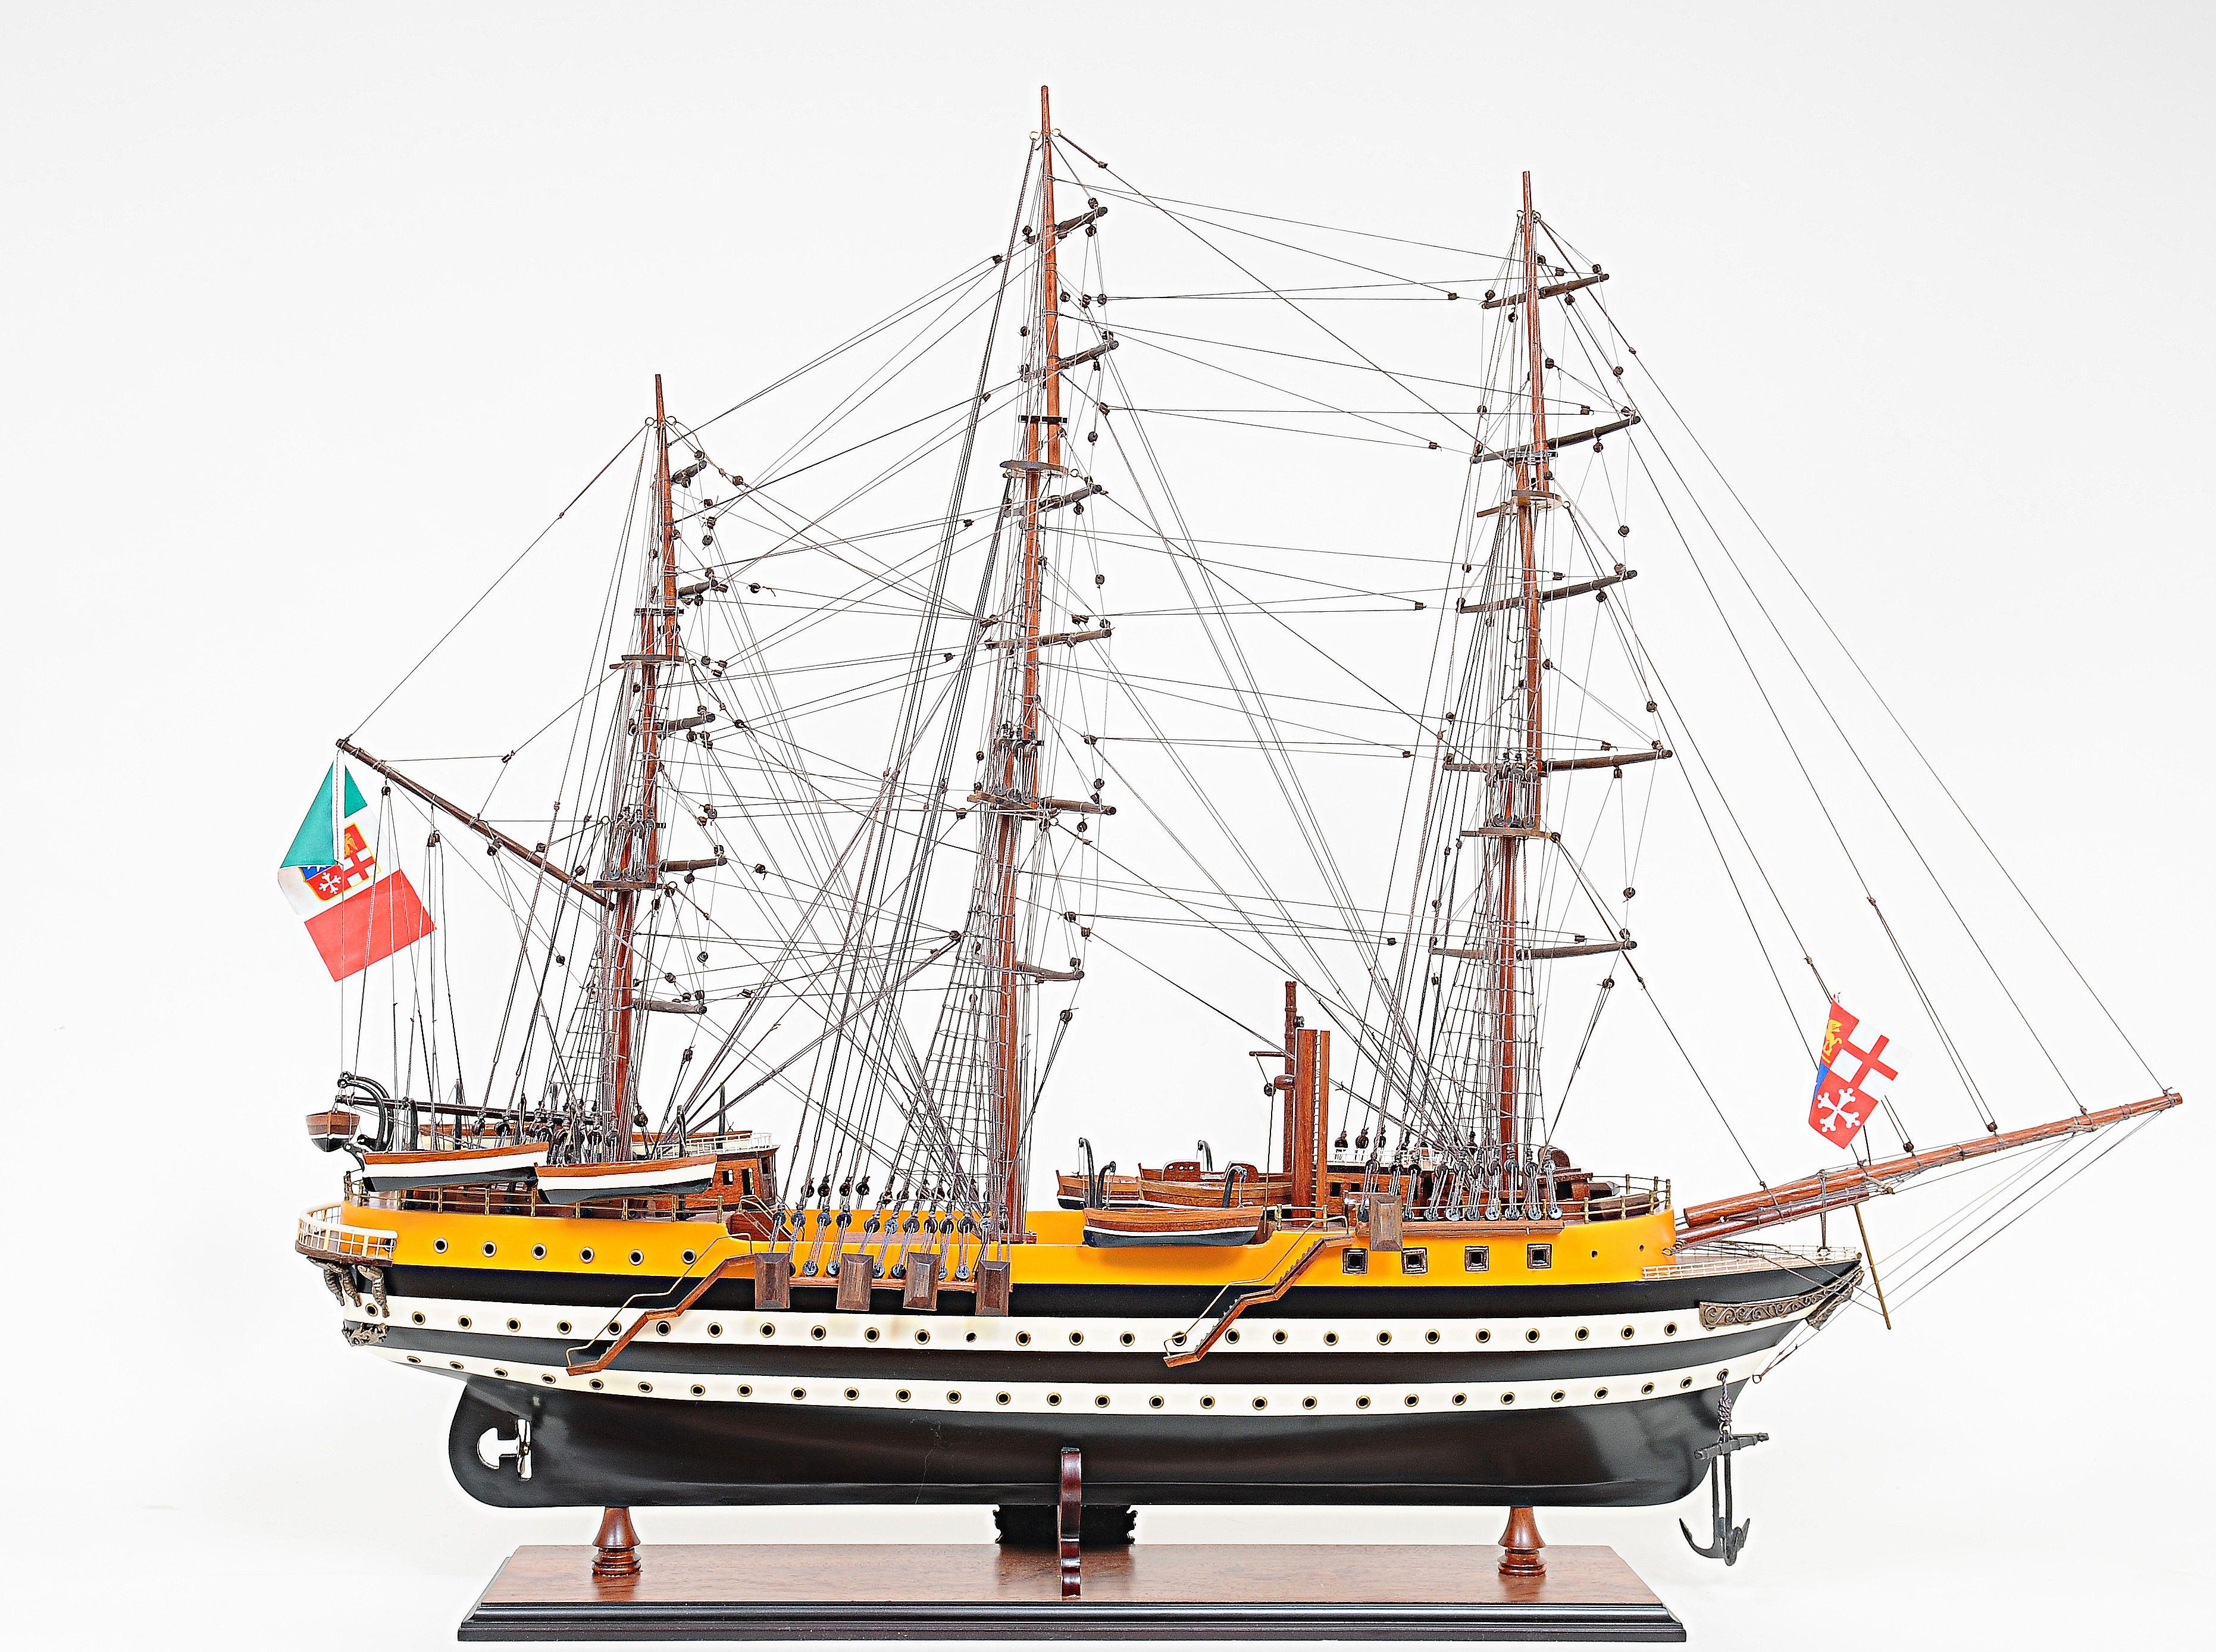 2265-13020-Amerigo-Vespucci-Model-Boat